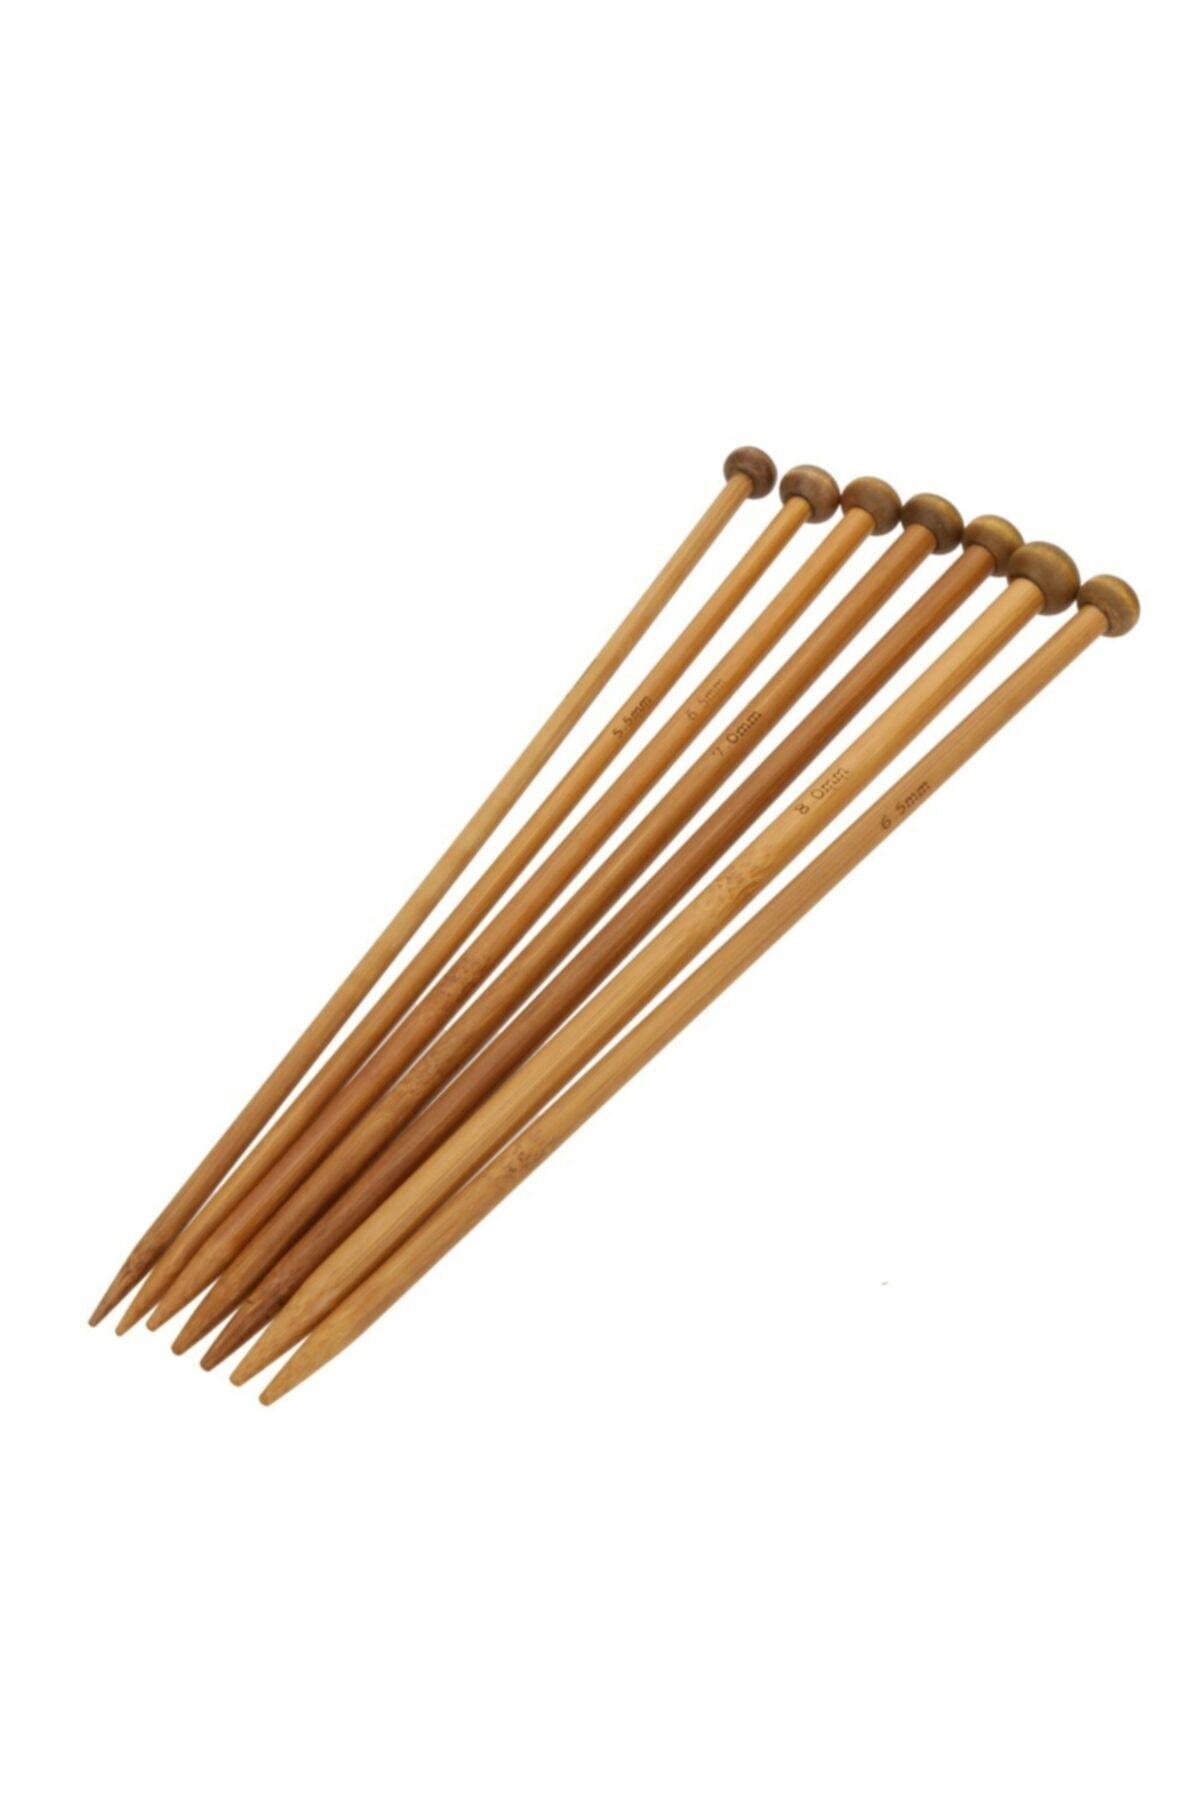 Zagor Bambu Örgü Şişi ikili 4 set. 2